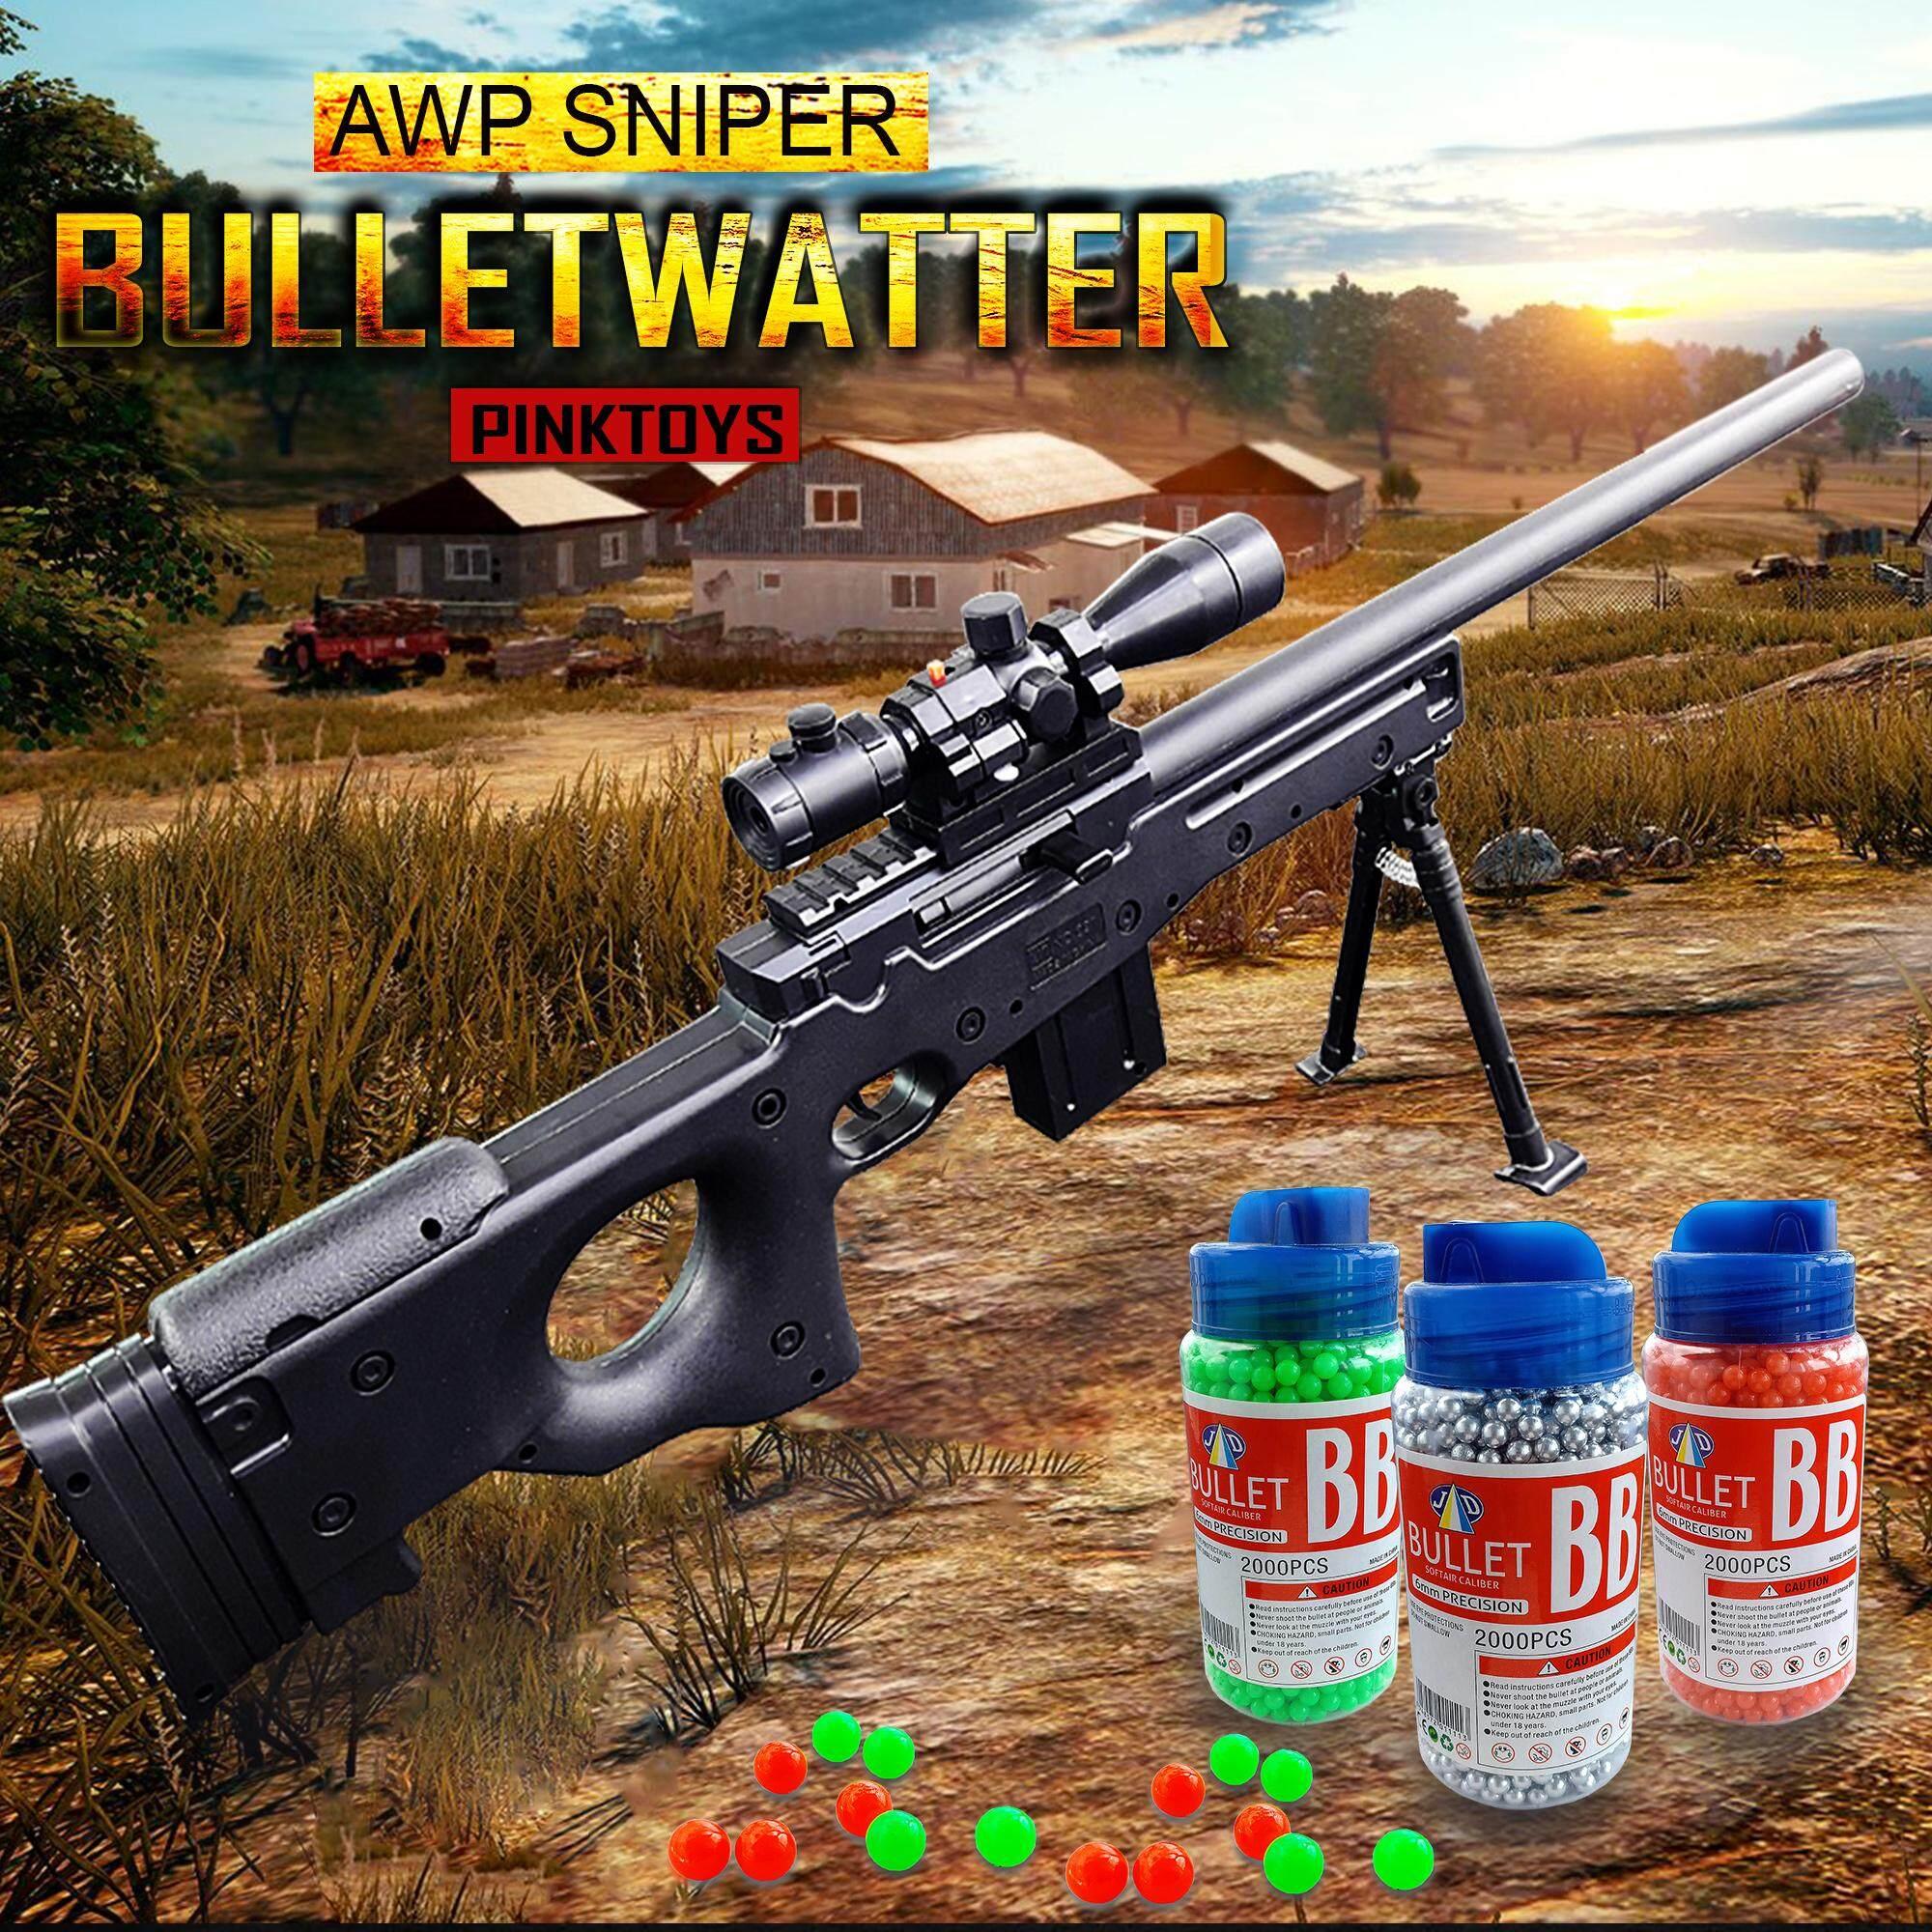 [เซ็ตคู่สุดคุ้ม] ปืนของเล่น ปืนอัดลม ปืนสไนเปอร์ ระบบสปริง ชักยิงง่าย พลาสติกสีดำ งานสวยละเอียด พร้อมกระสุน 2000pcs By Pink Toys.